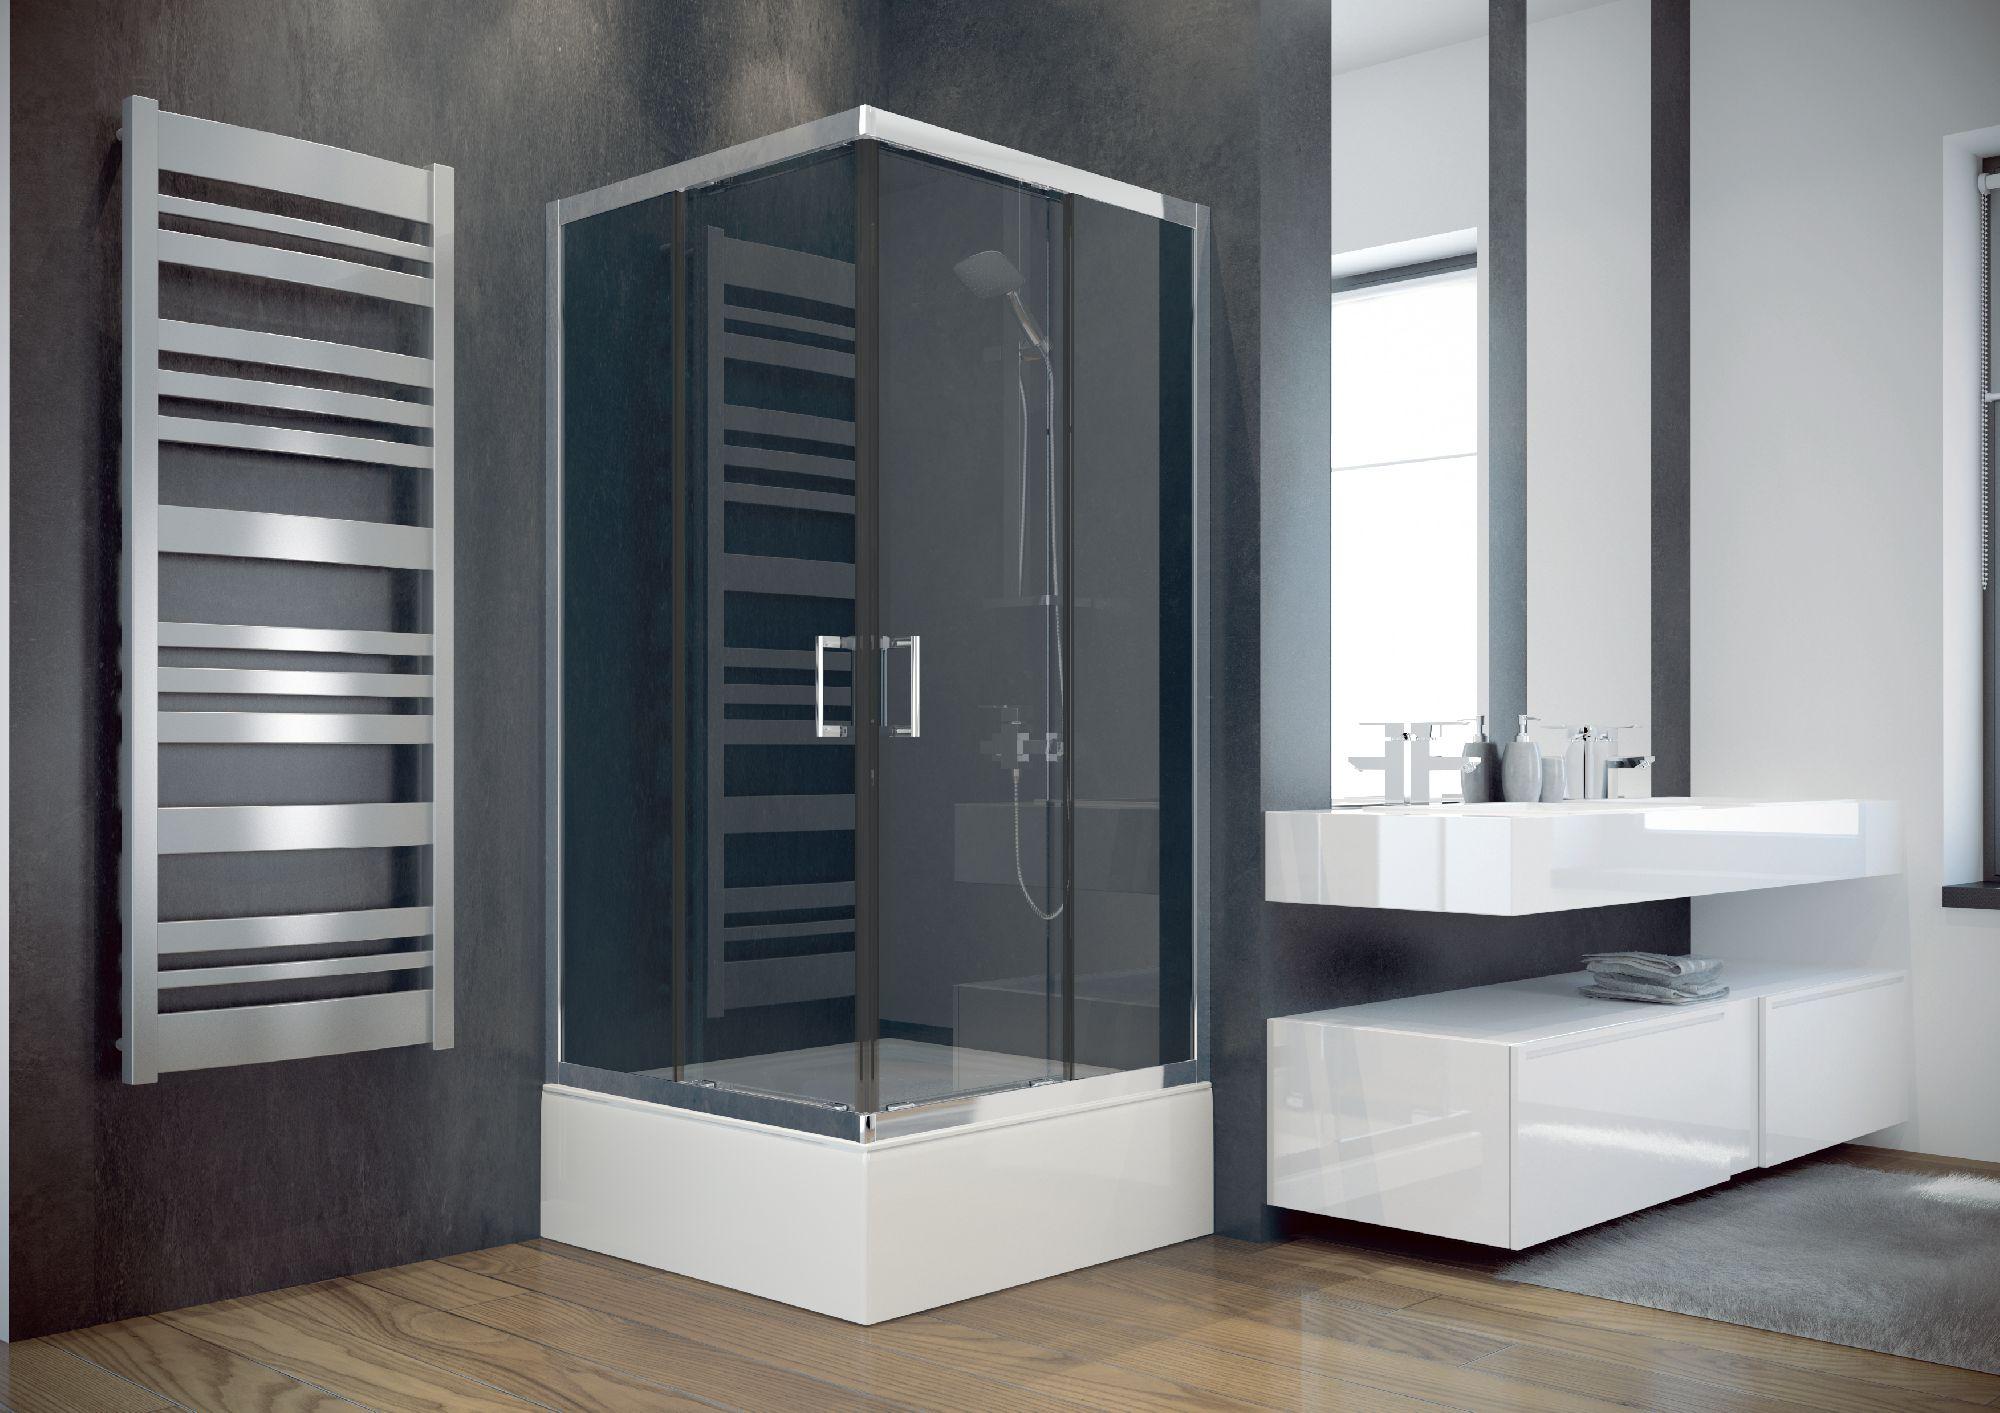 Besco Kabina kwadratowa Modern czyste szklo 90 x 90cm (MK-90-165-C) MK-90-165-C